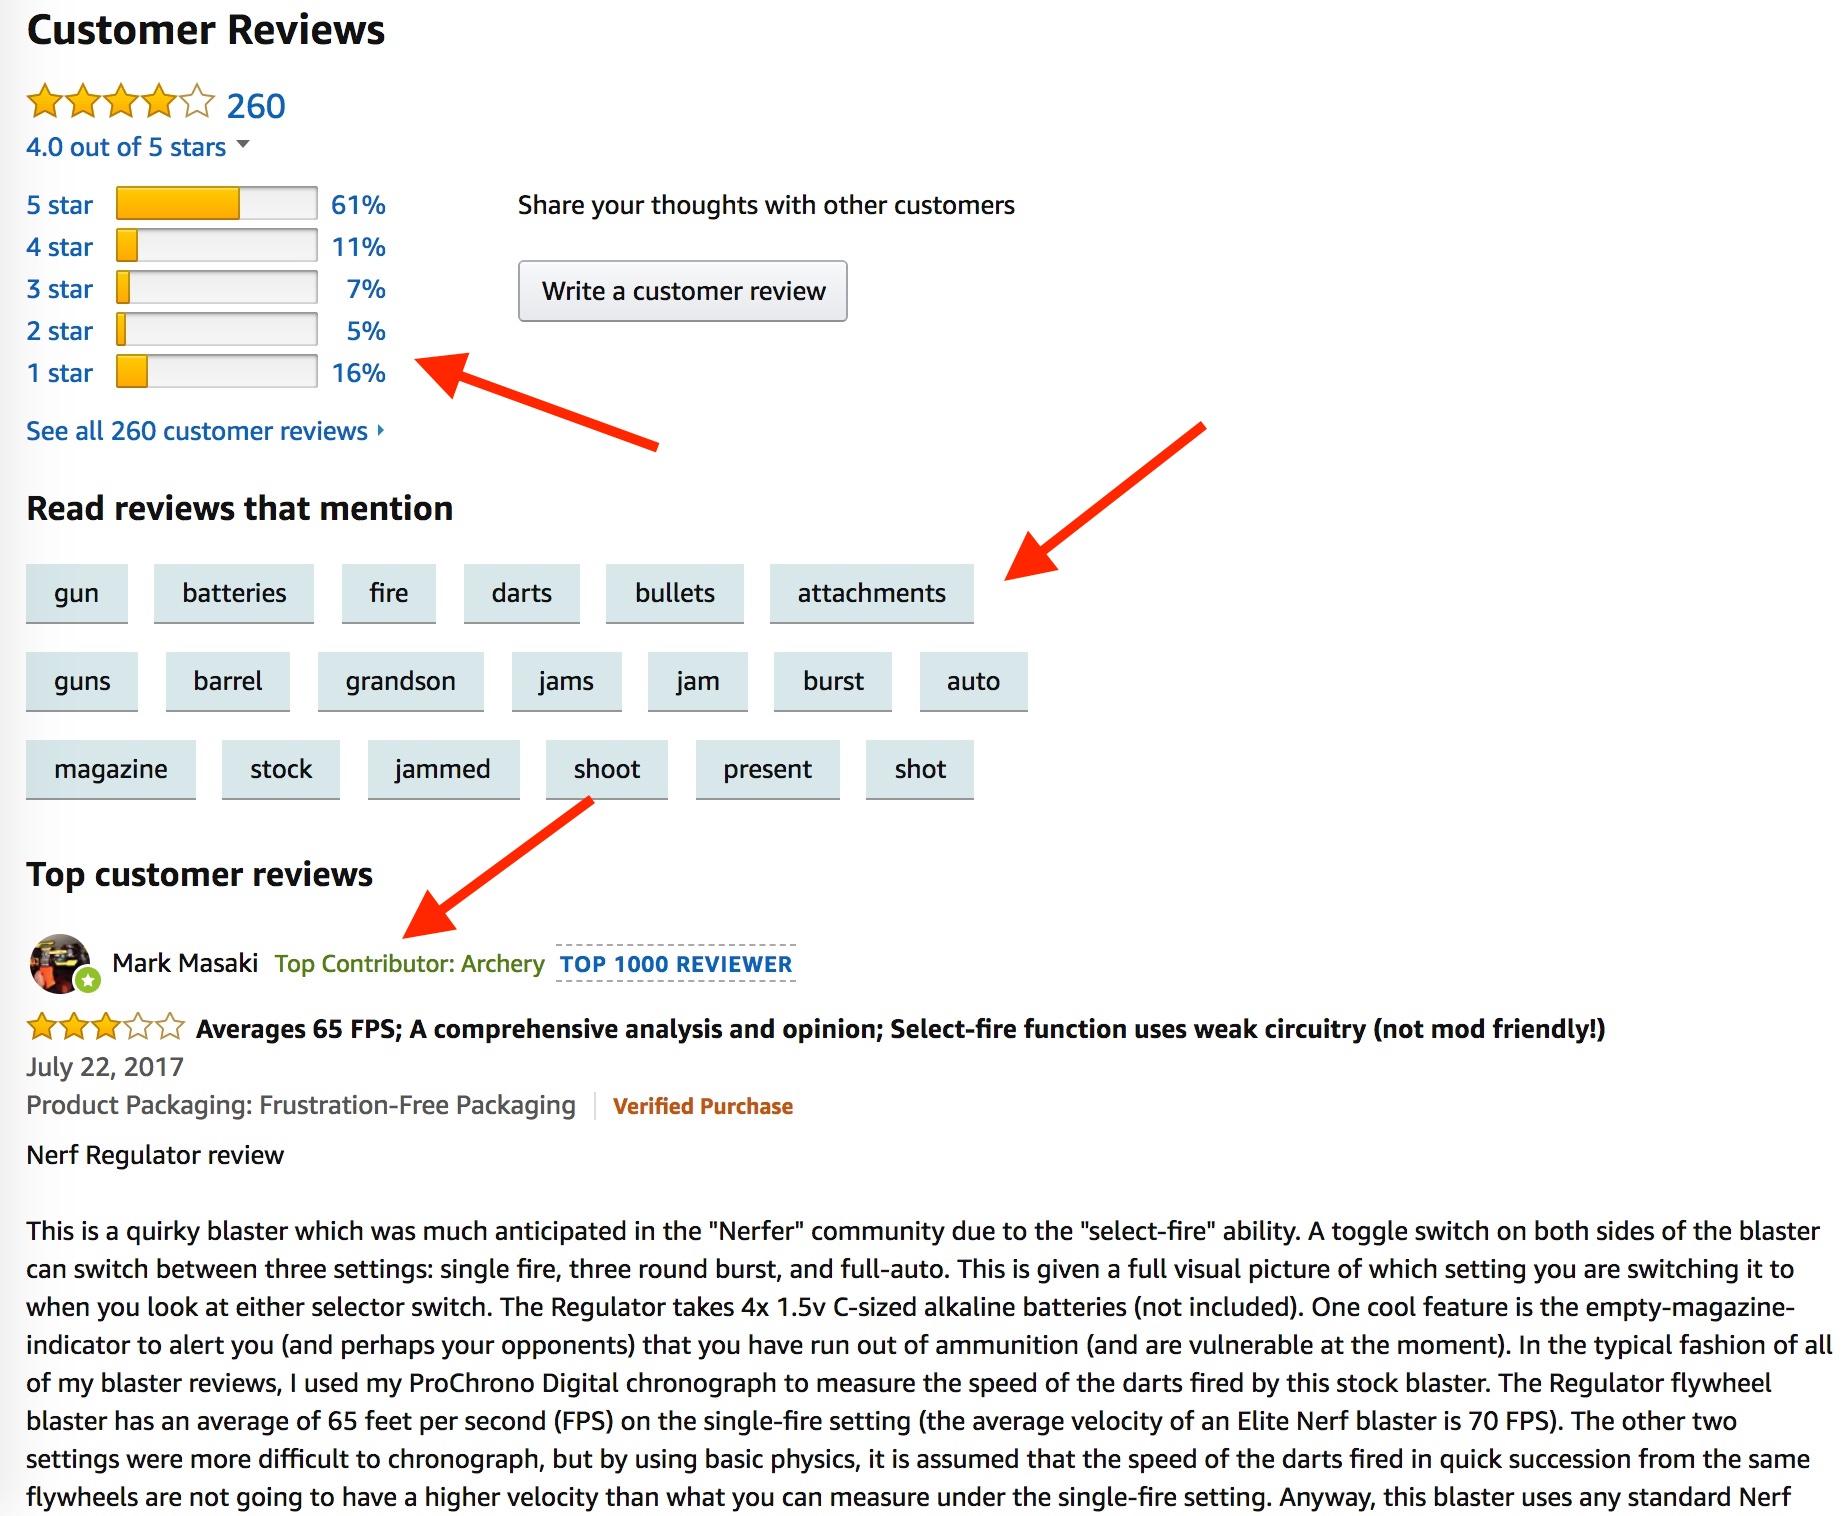 Screenshot showing amazon product reviews